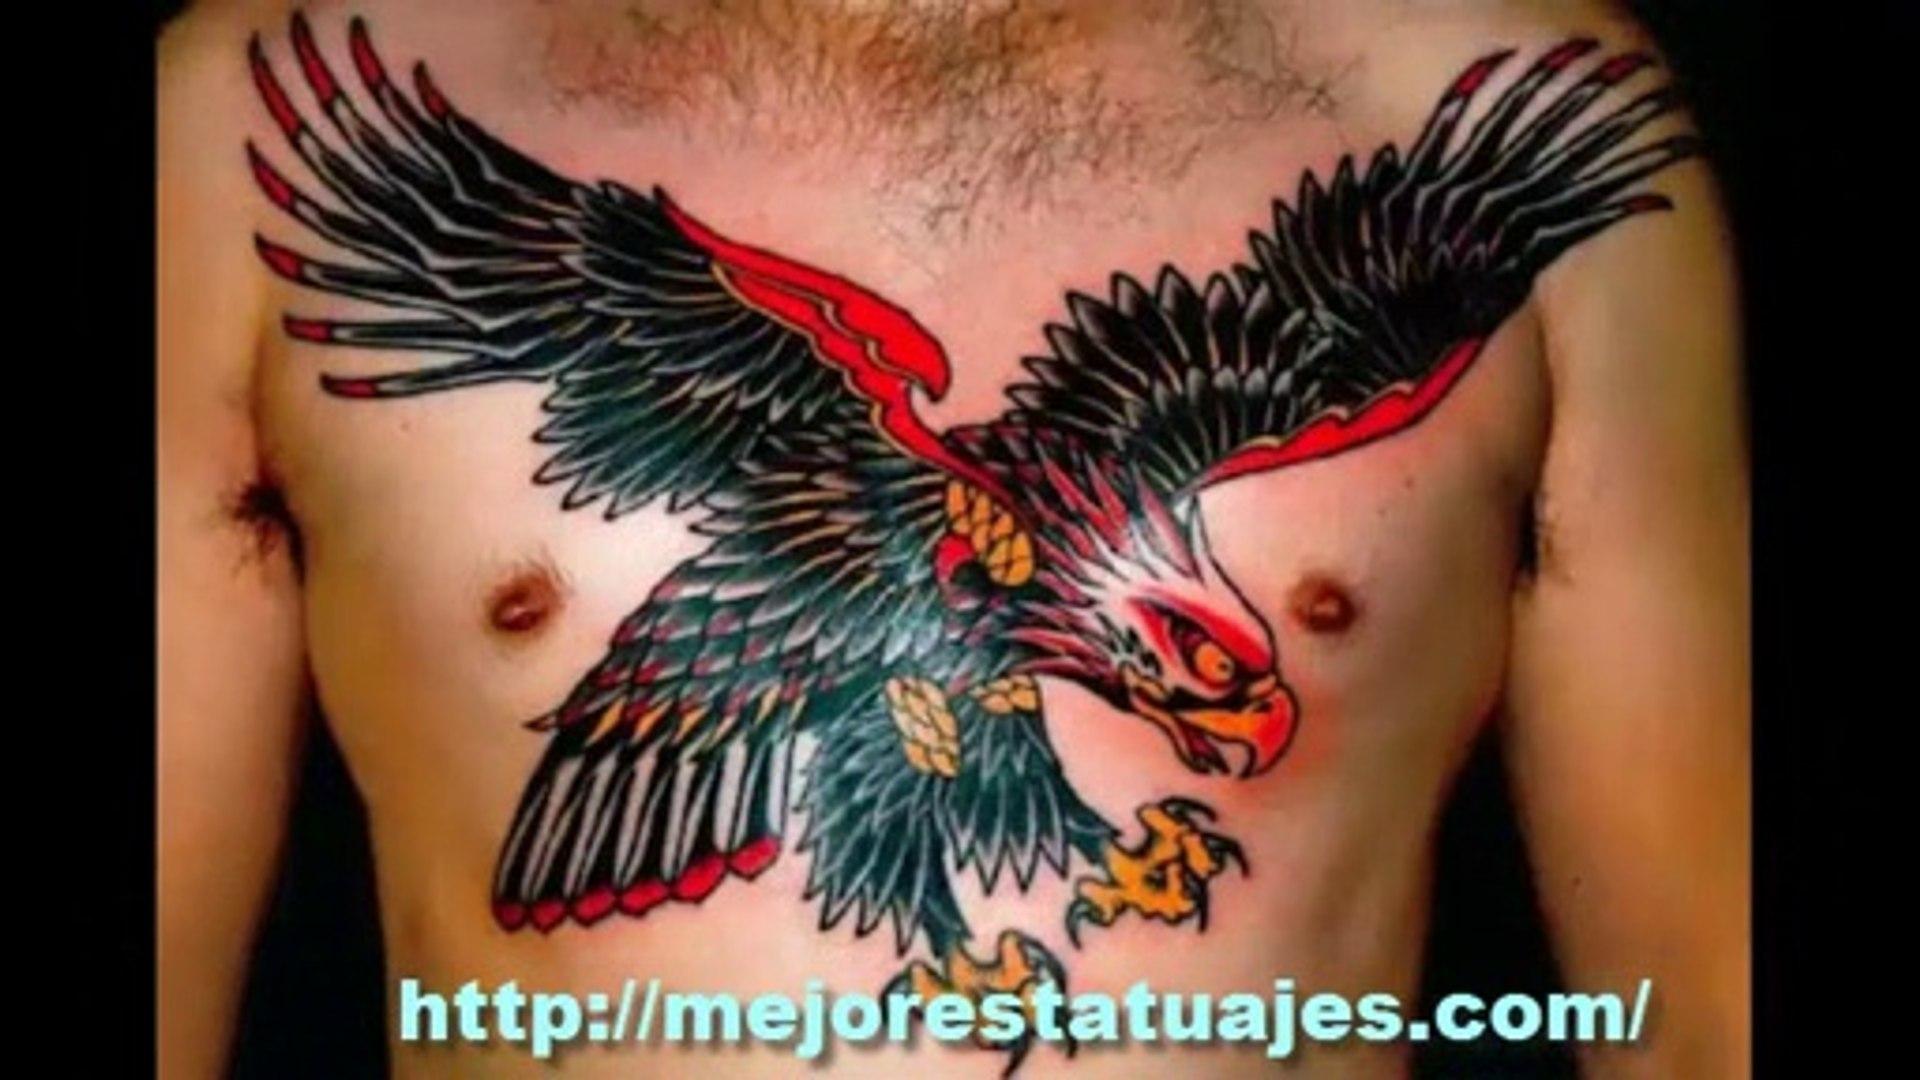 Aguila En La Espalda los mejores tatuajes de aguilas en la espalda y pecho